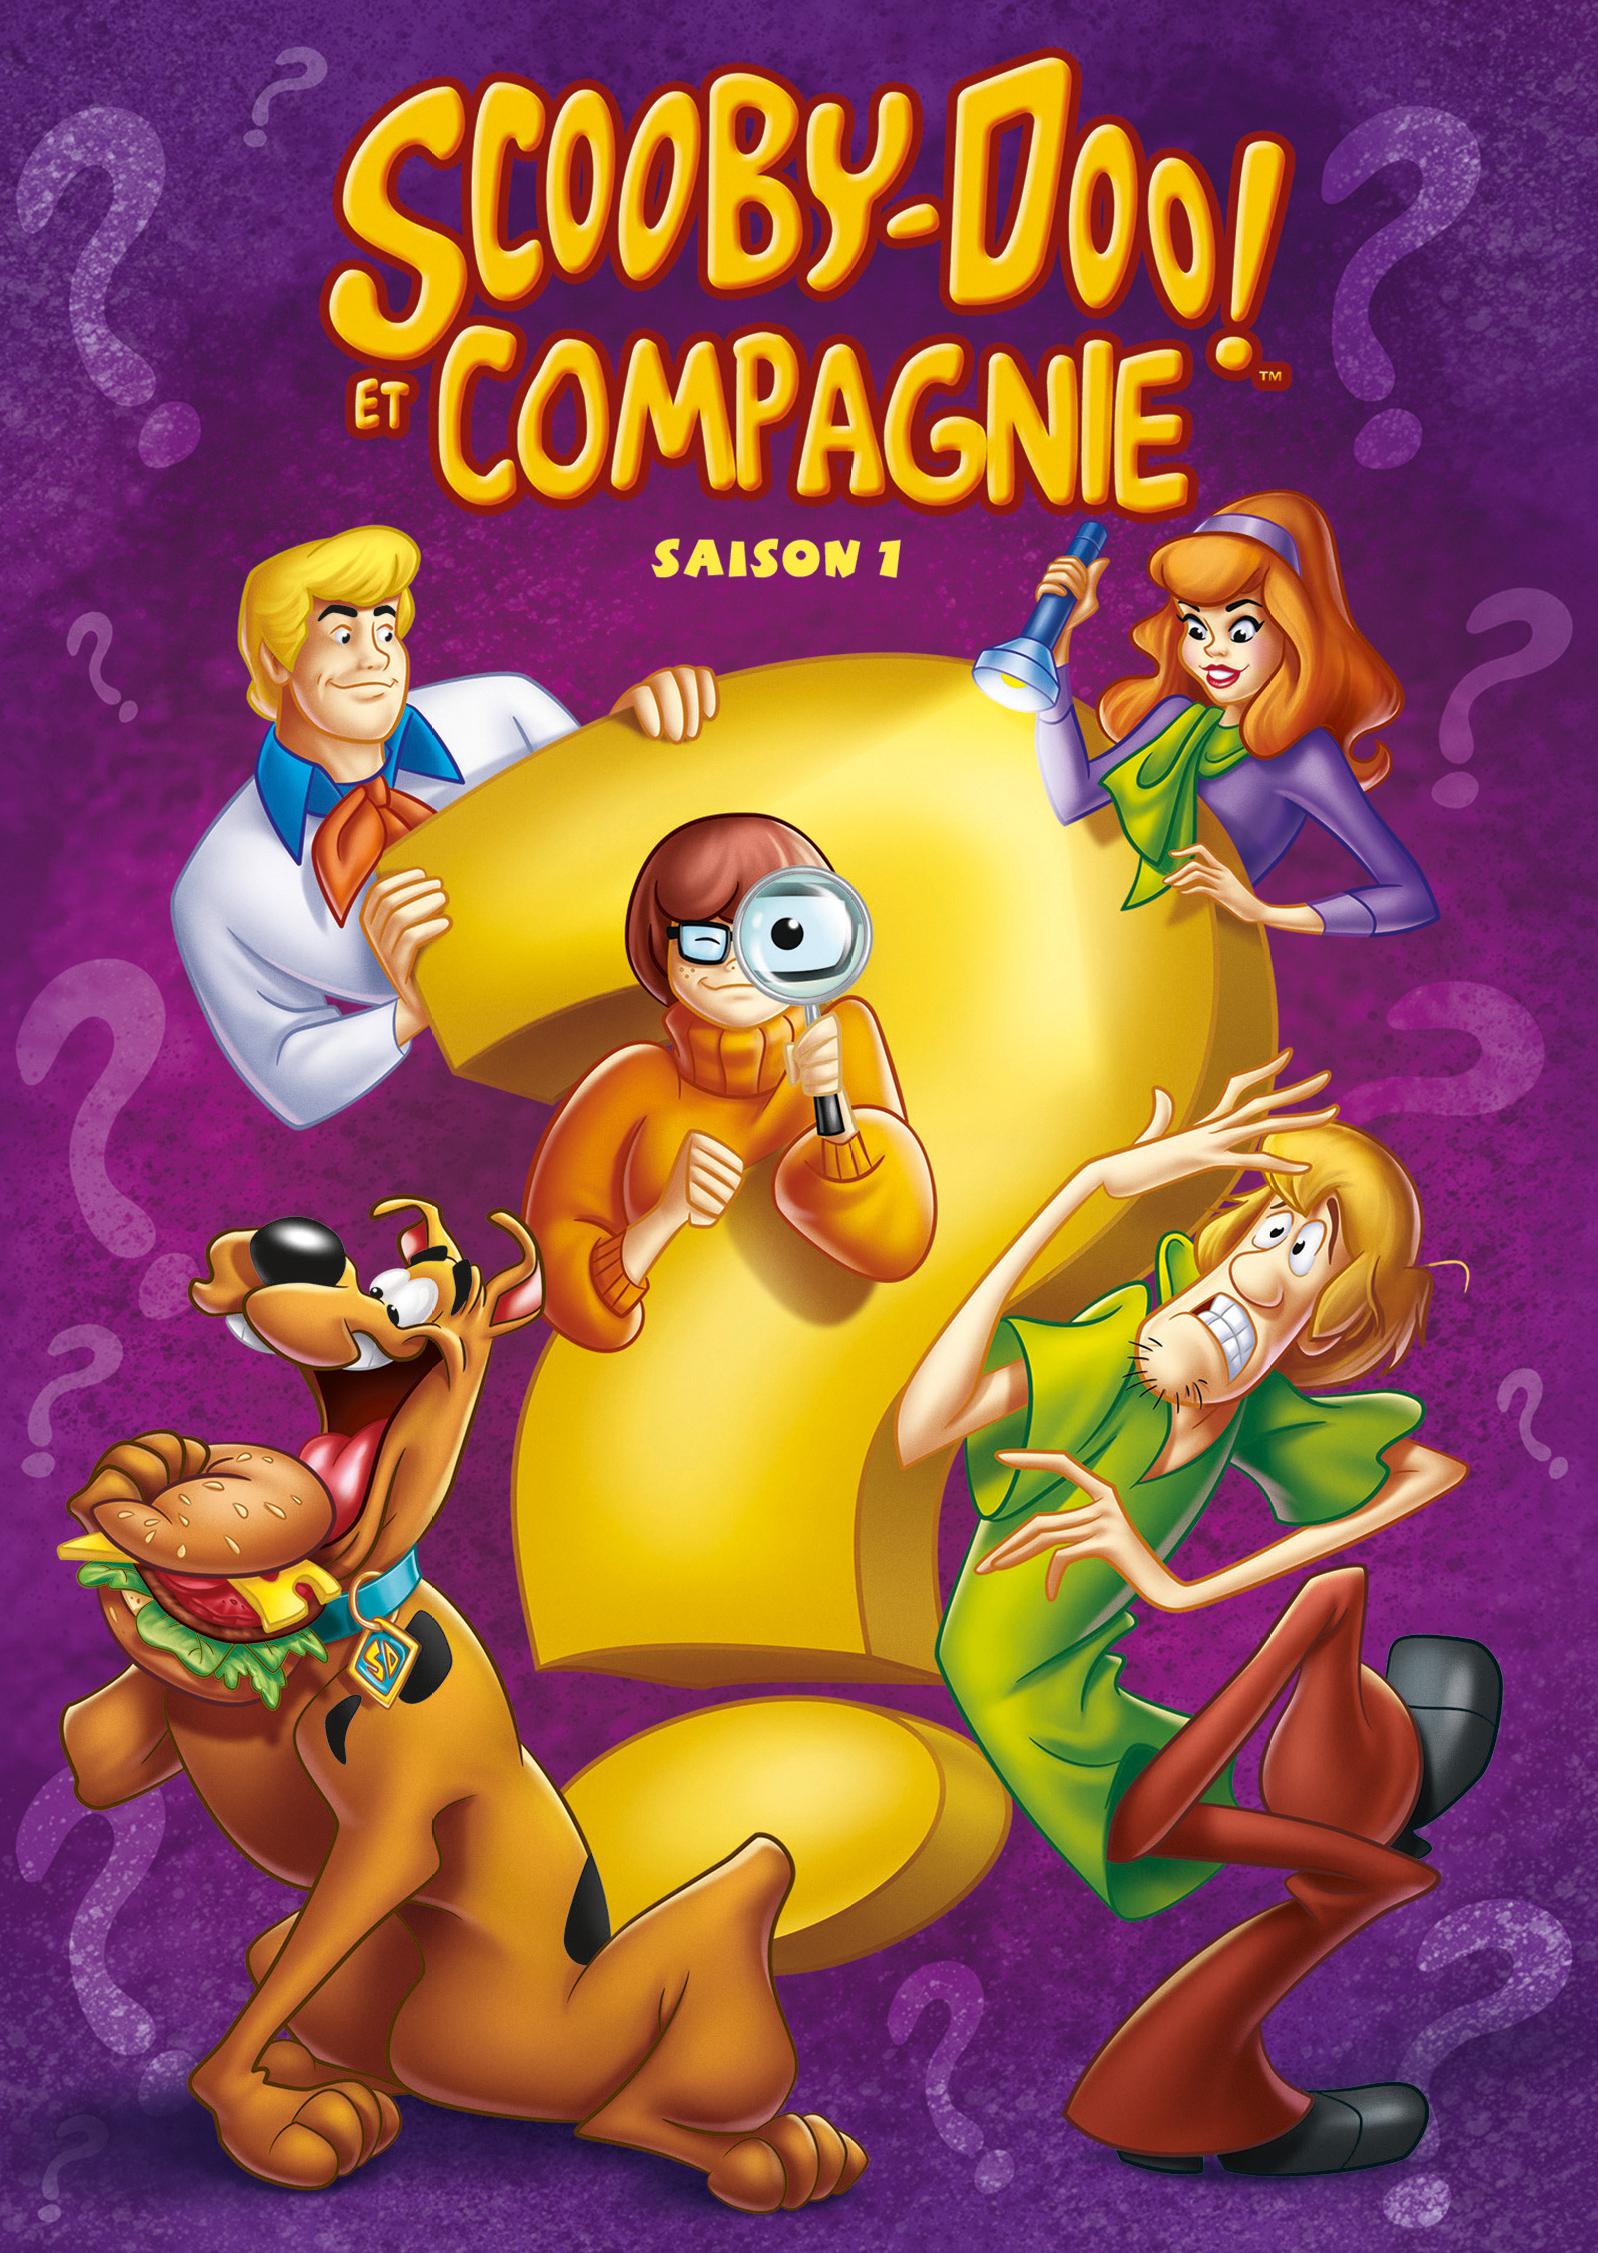 Scooby-Doo ! et compagnie / Ken Spears, Joe Ruby, réal. ; Frank Welker, Grey Griffin, Matthew Lillard, Kate Micucci, et al. act.  